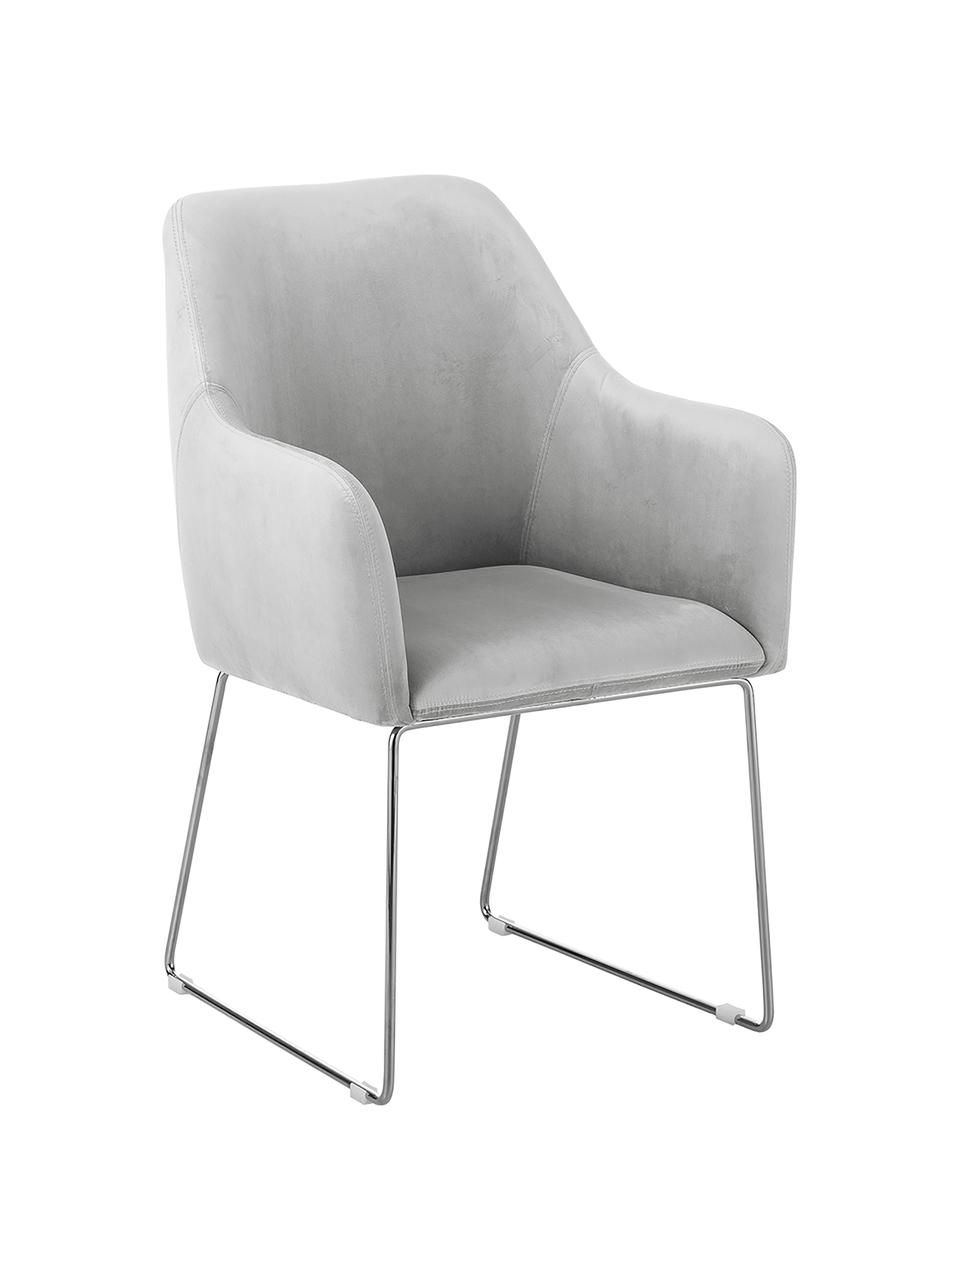 Sedia con braccioli in velluto Isla, Rivestimento: velluto (poliestere) Con , Gambe: metallo rivestito, Velluto grigio chiaro, gambe argento, Larg. 58 x Prof. 62 cm